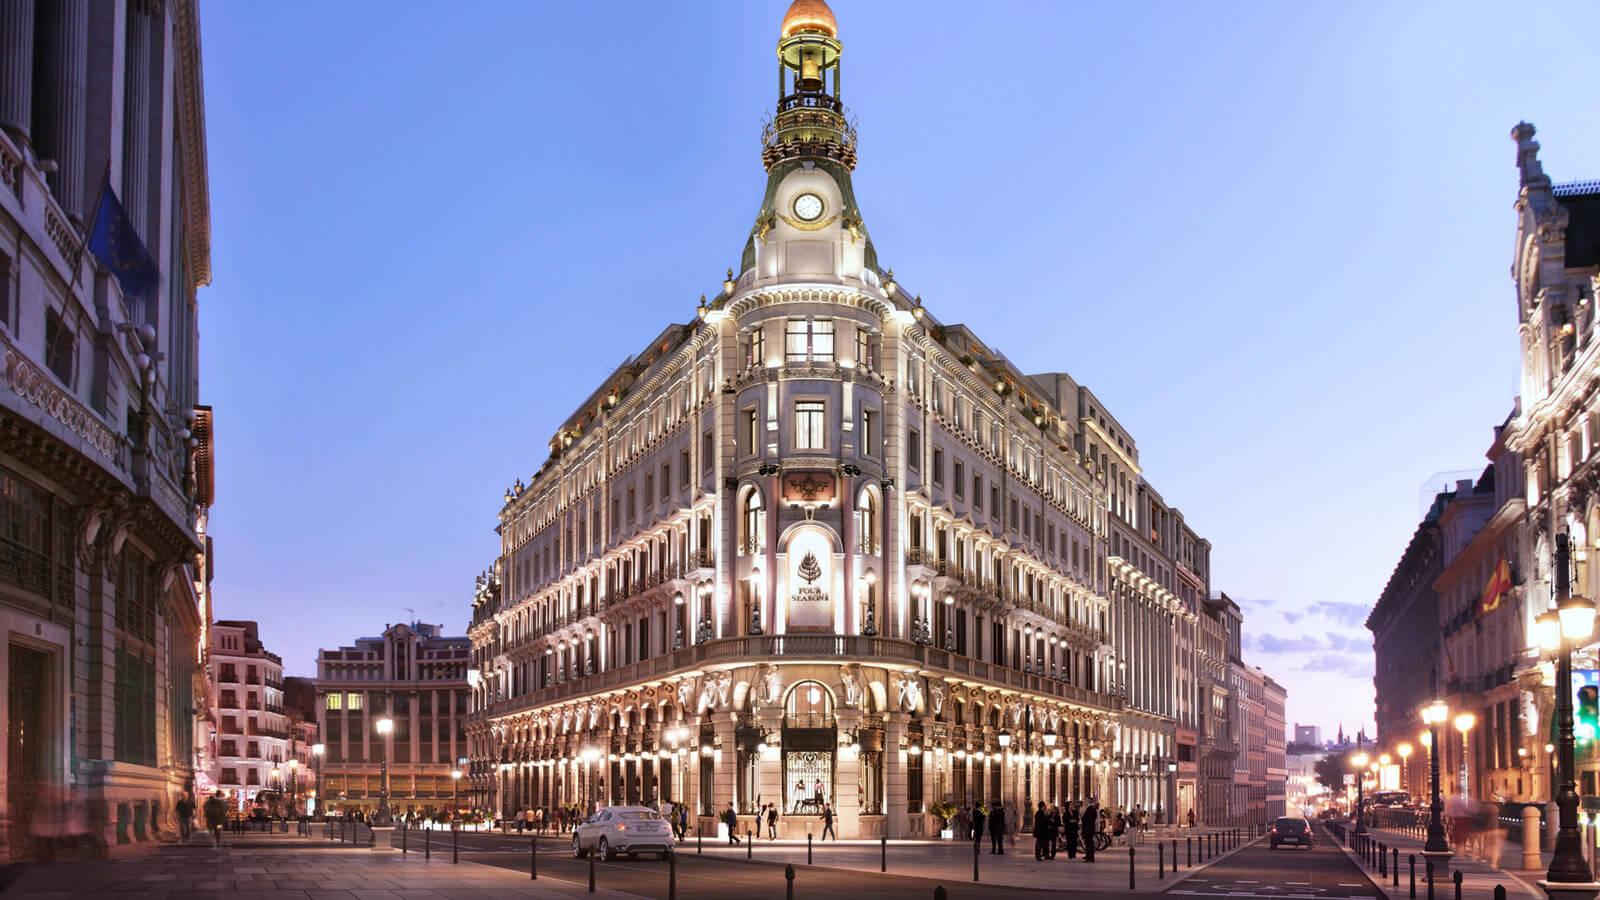 افتتاح فندق وبرايفت ريزيدنسز فورسيزونز مدريد ليقدم تجربة فريدة ومستوى خدمة لا يضاهى في إسبانيا للمرة الأولى